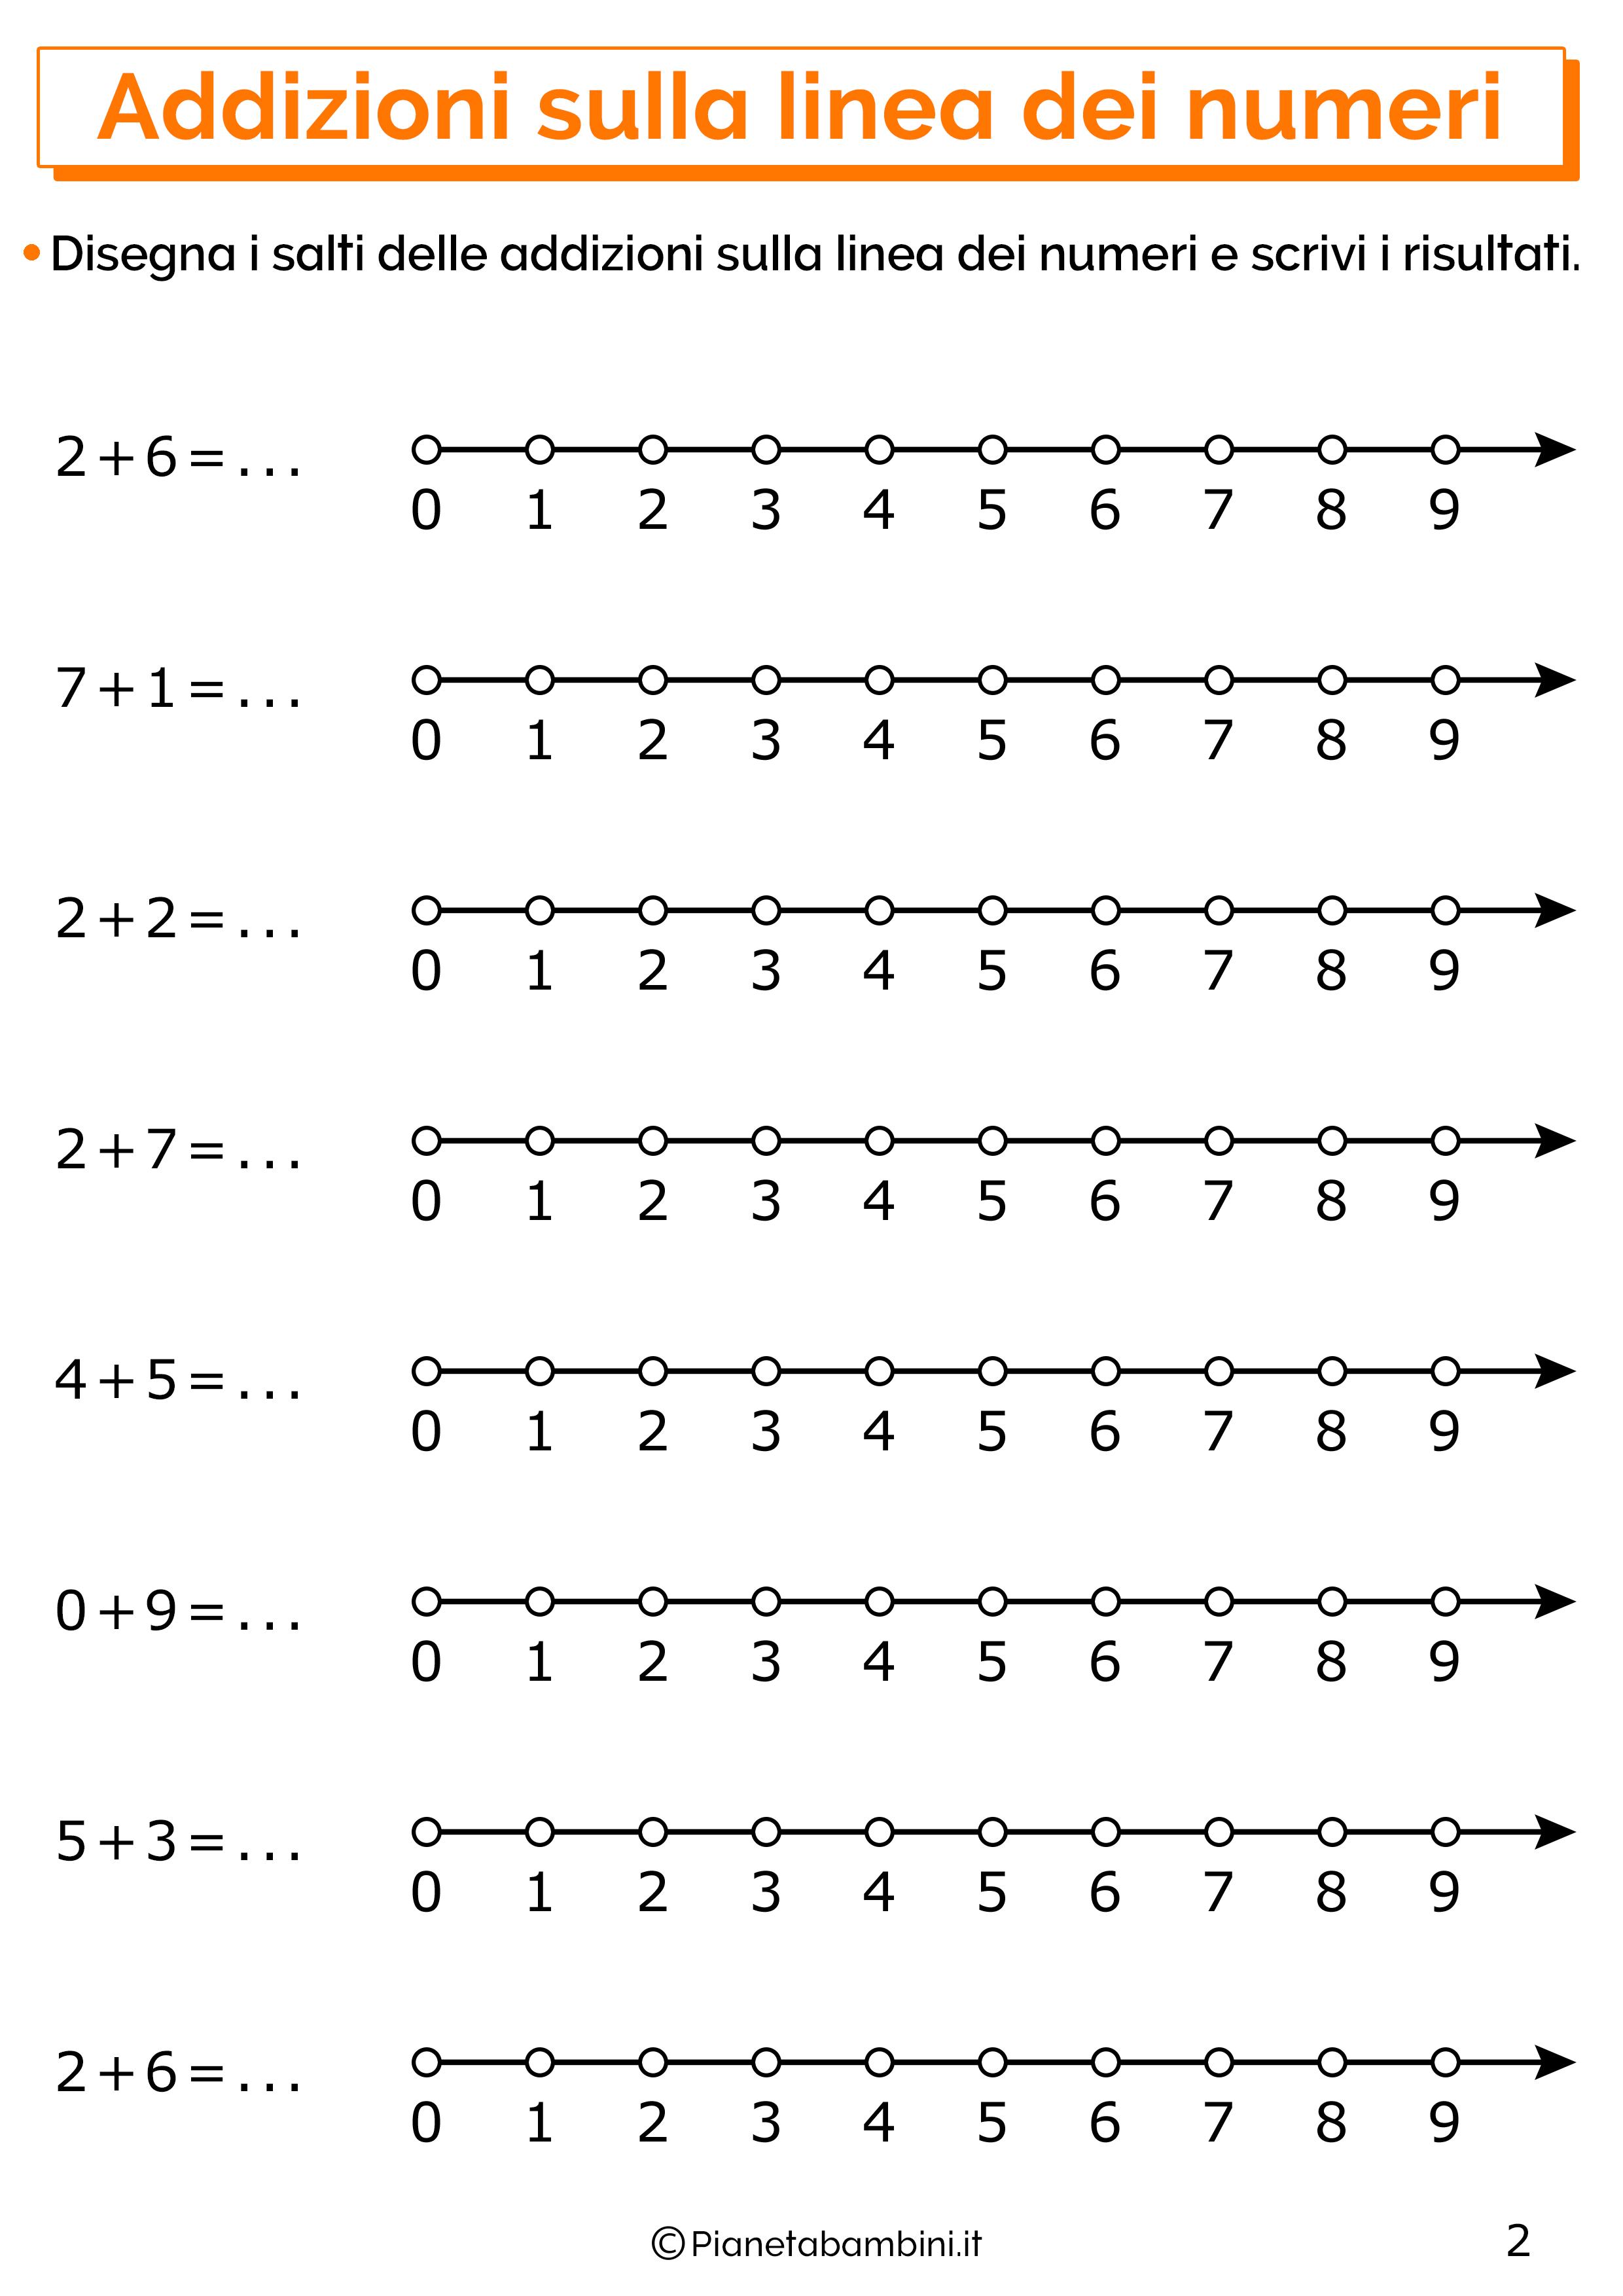 Esercizi con addizioni sulla linea dei numeri 02